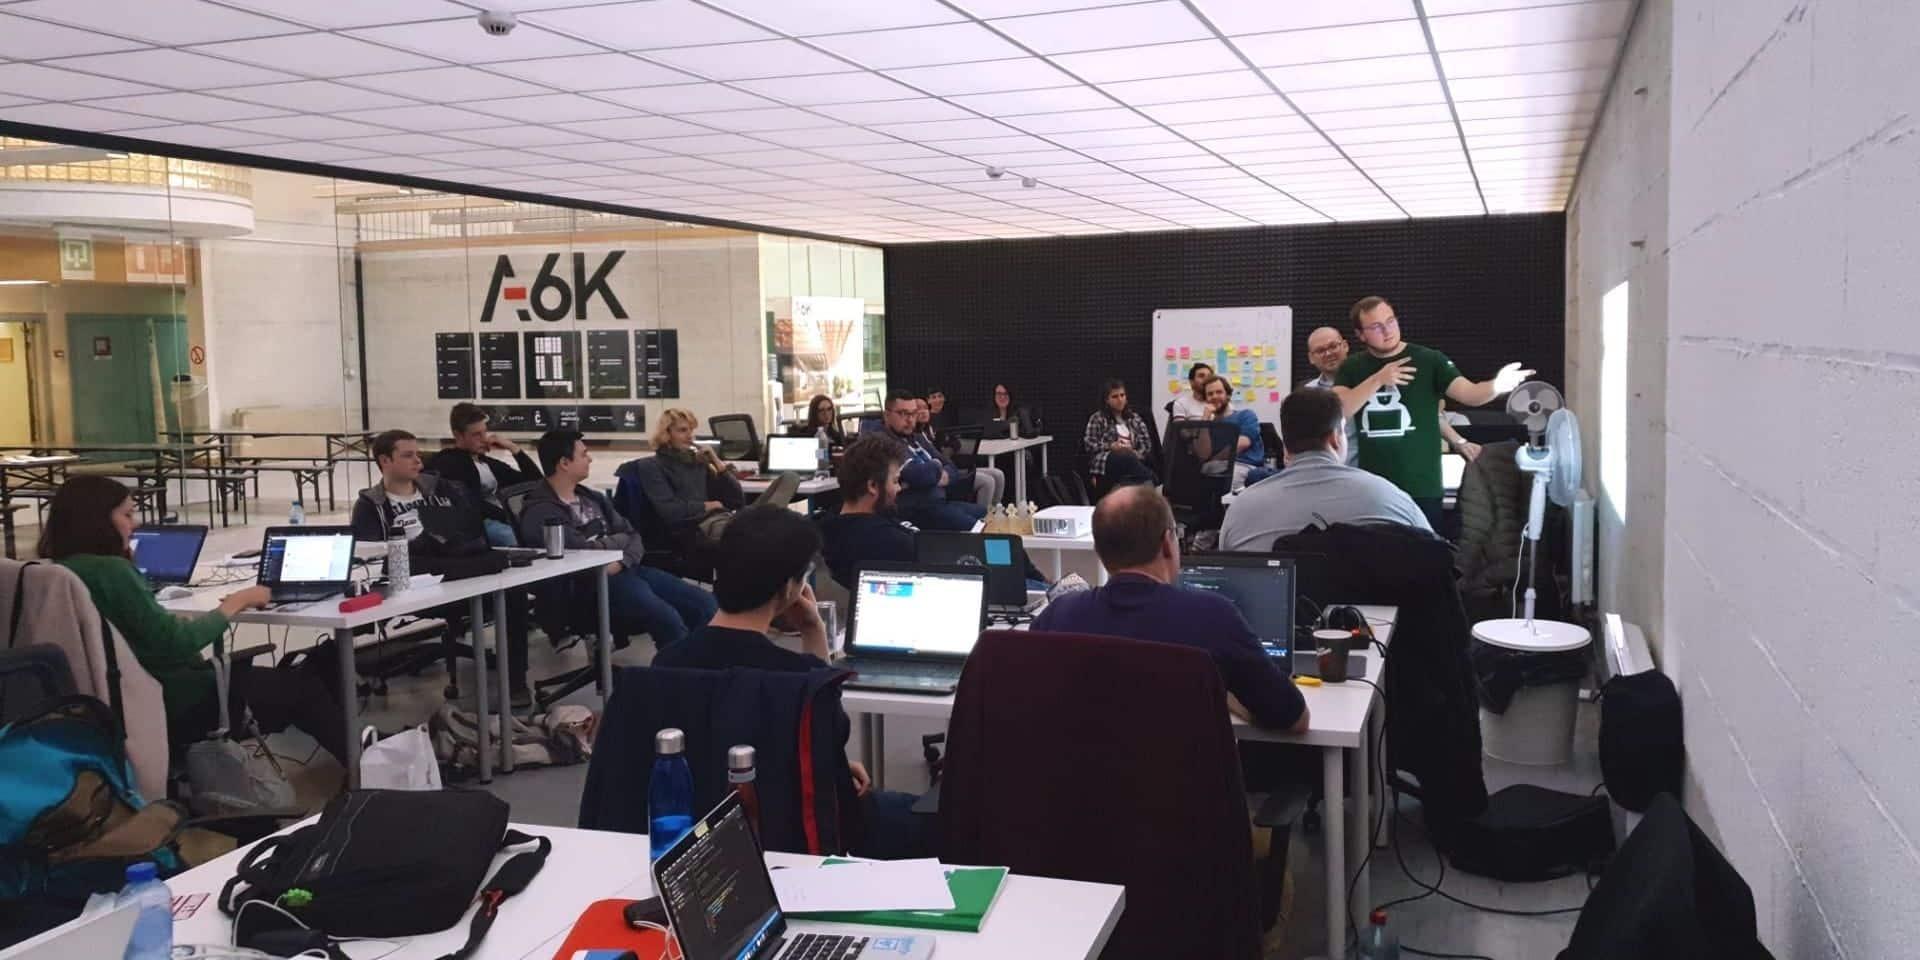 Le centre de formation numérique E6K en mode portes ouvertes